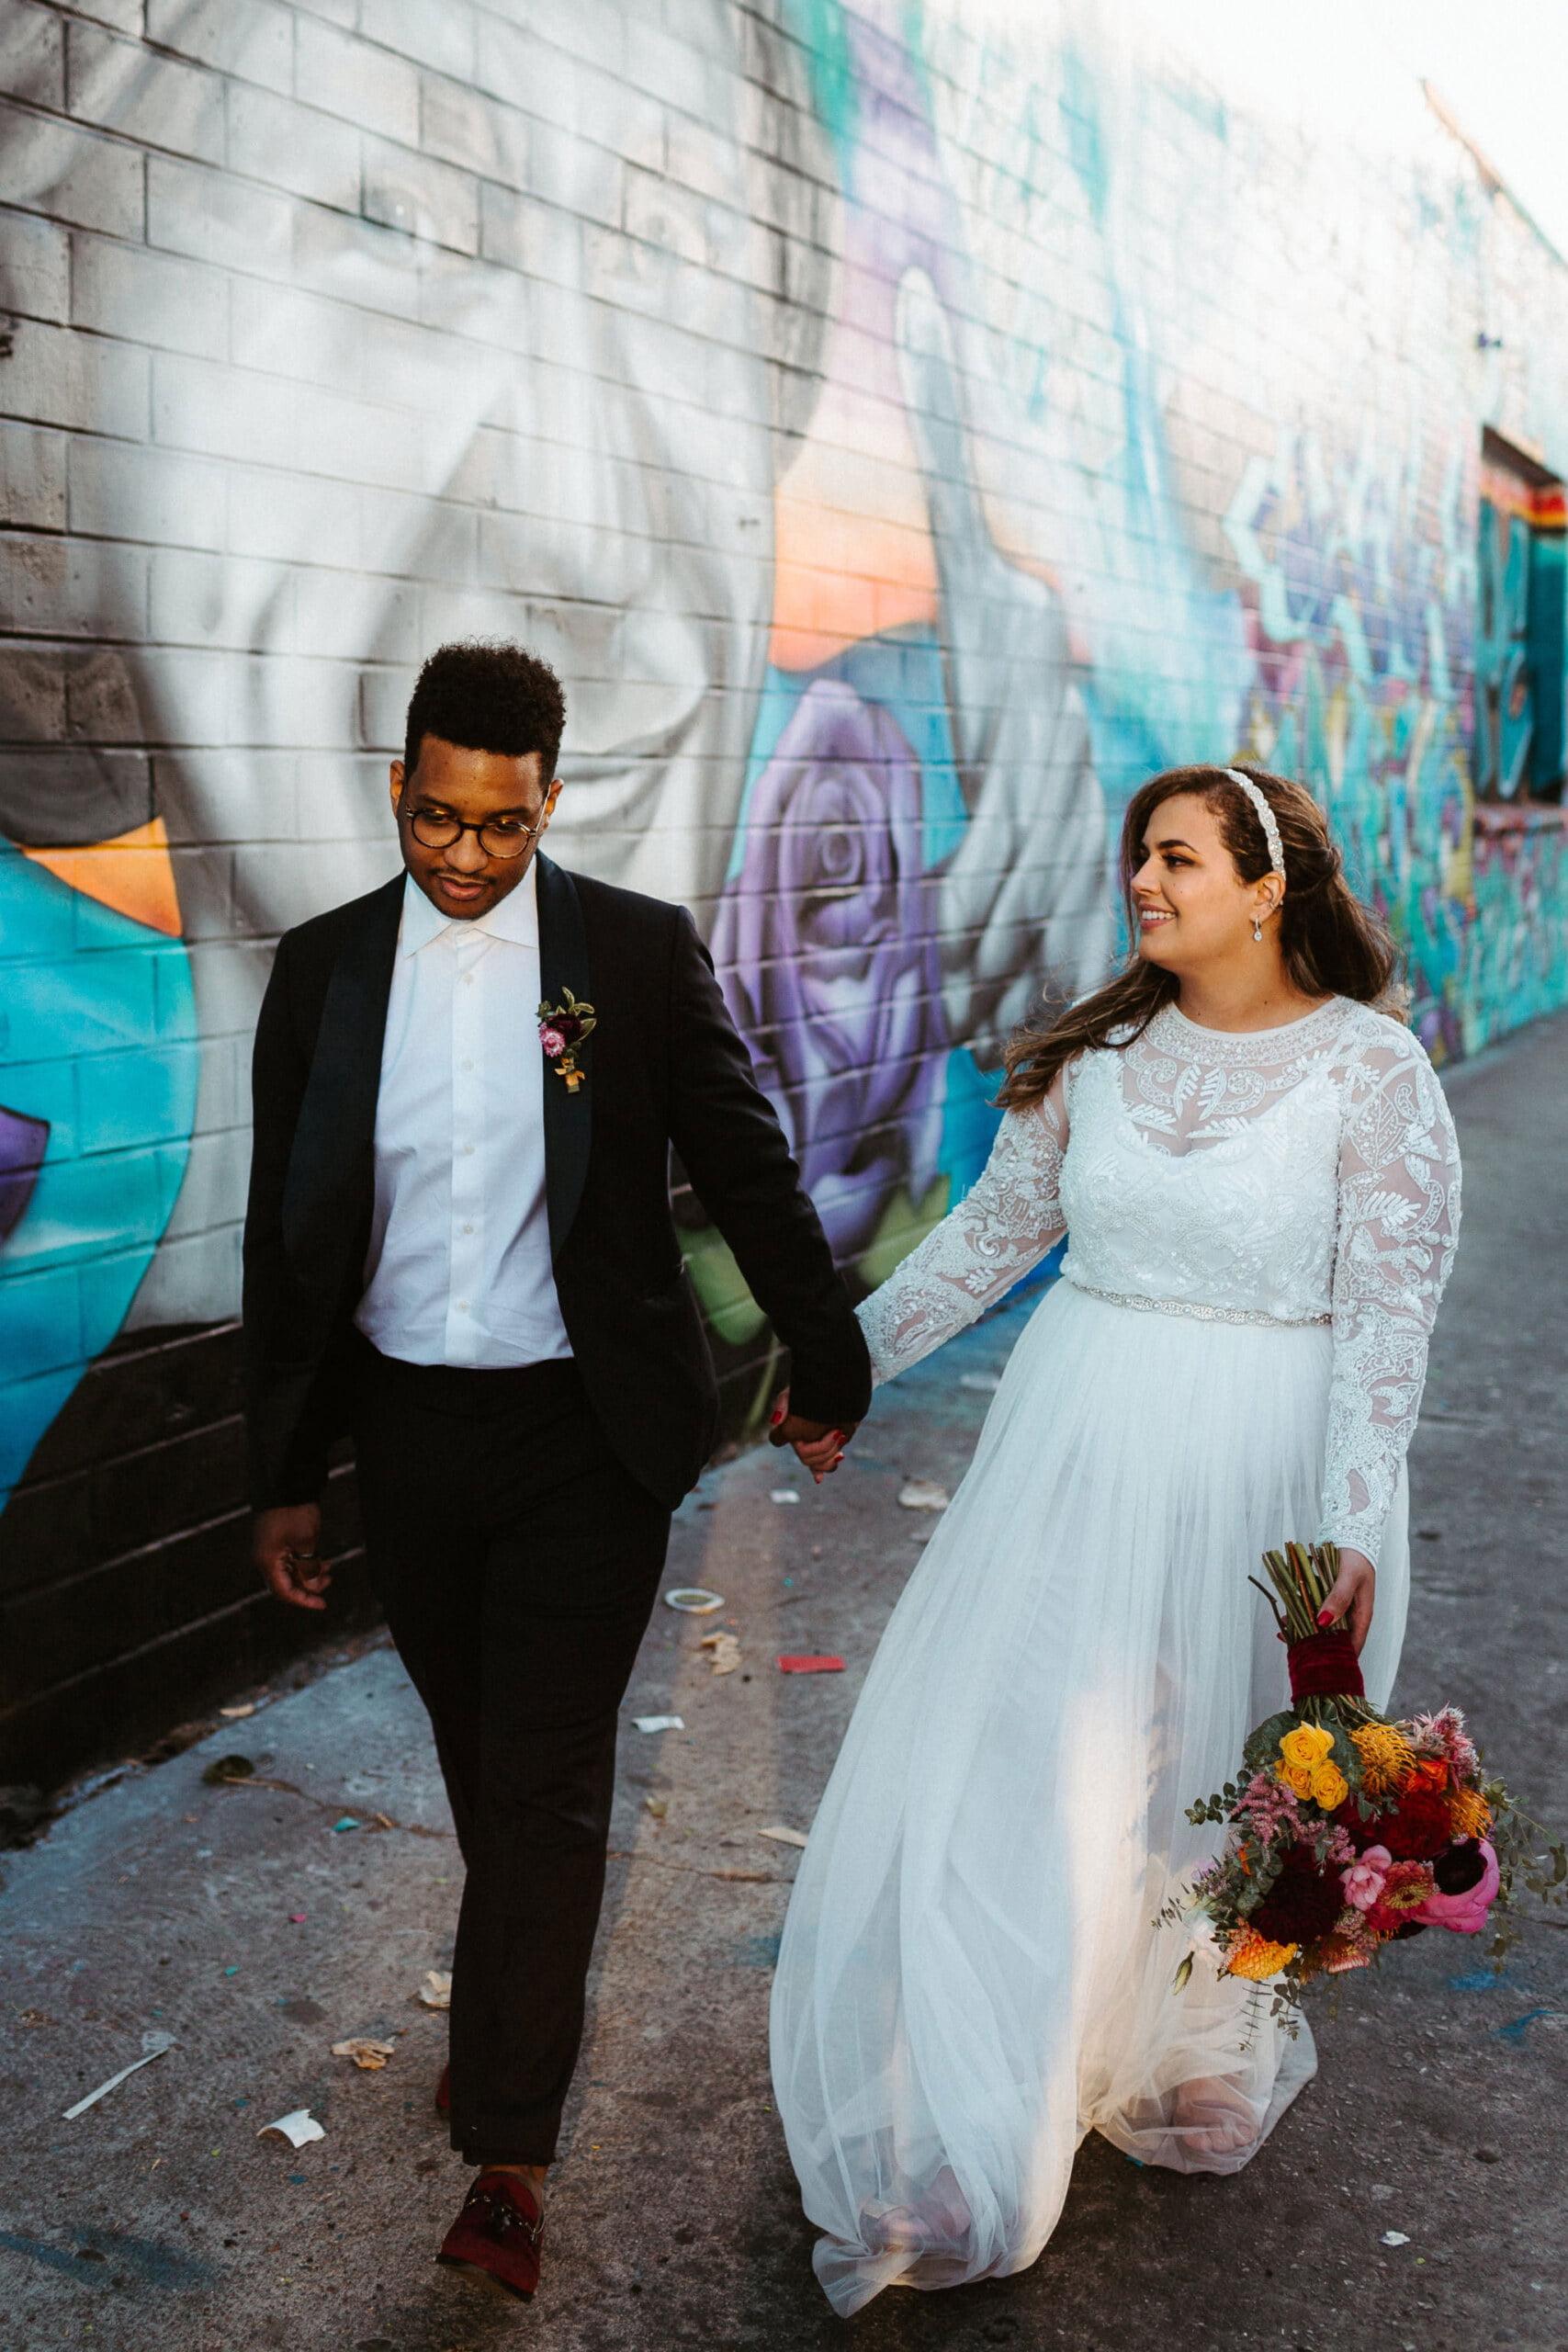 la elopement photos 106 scaled